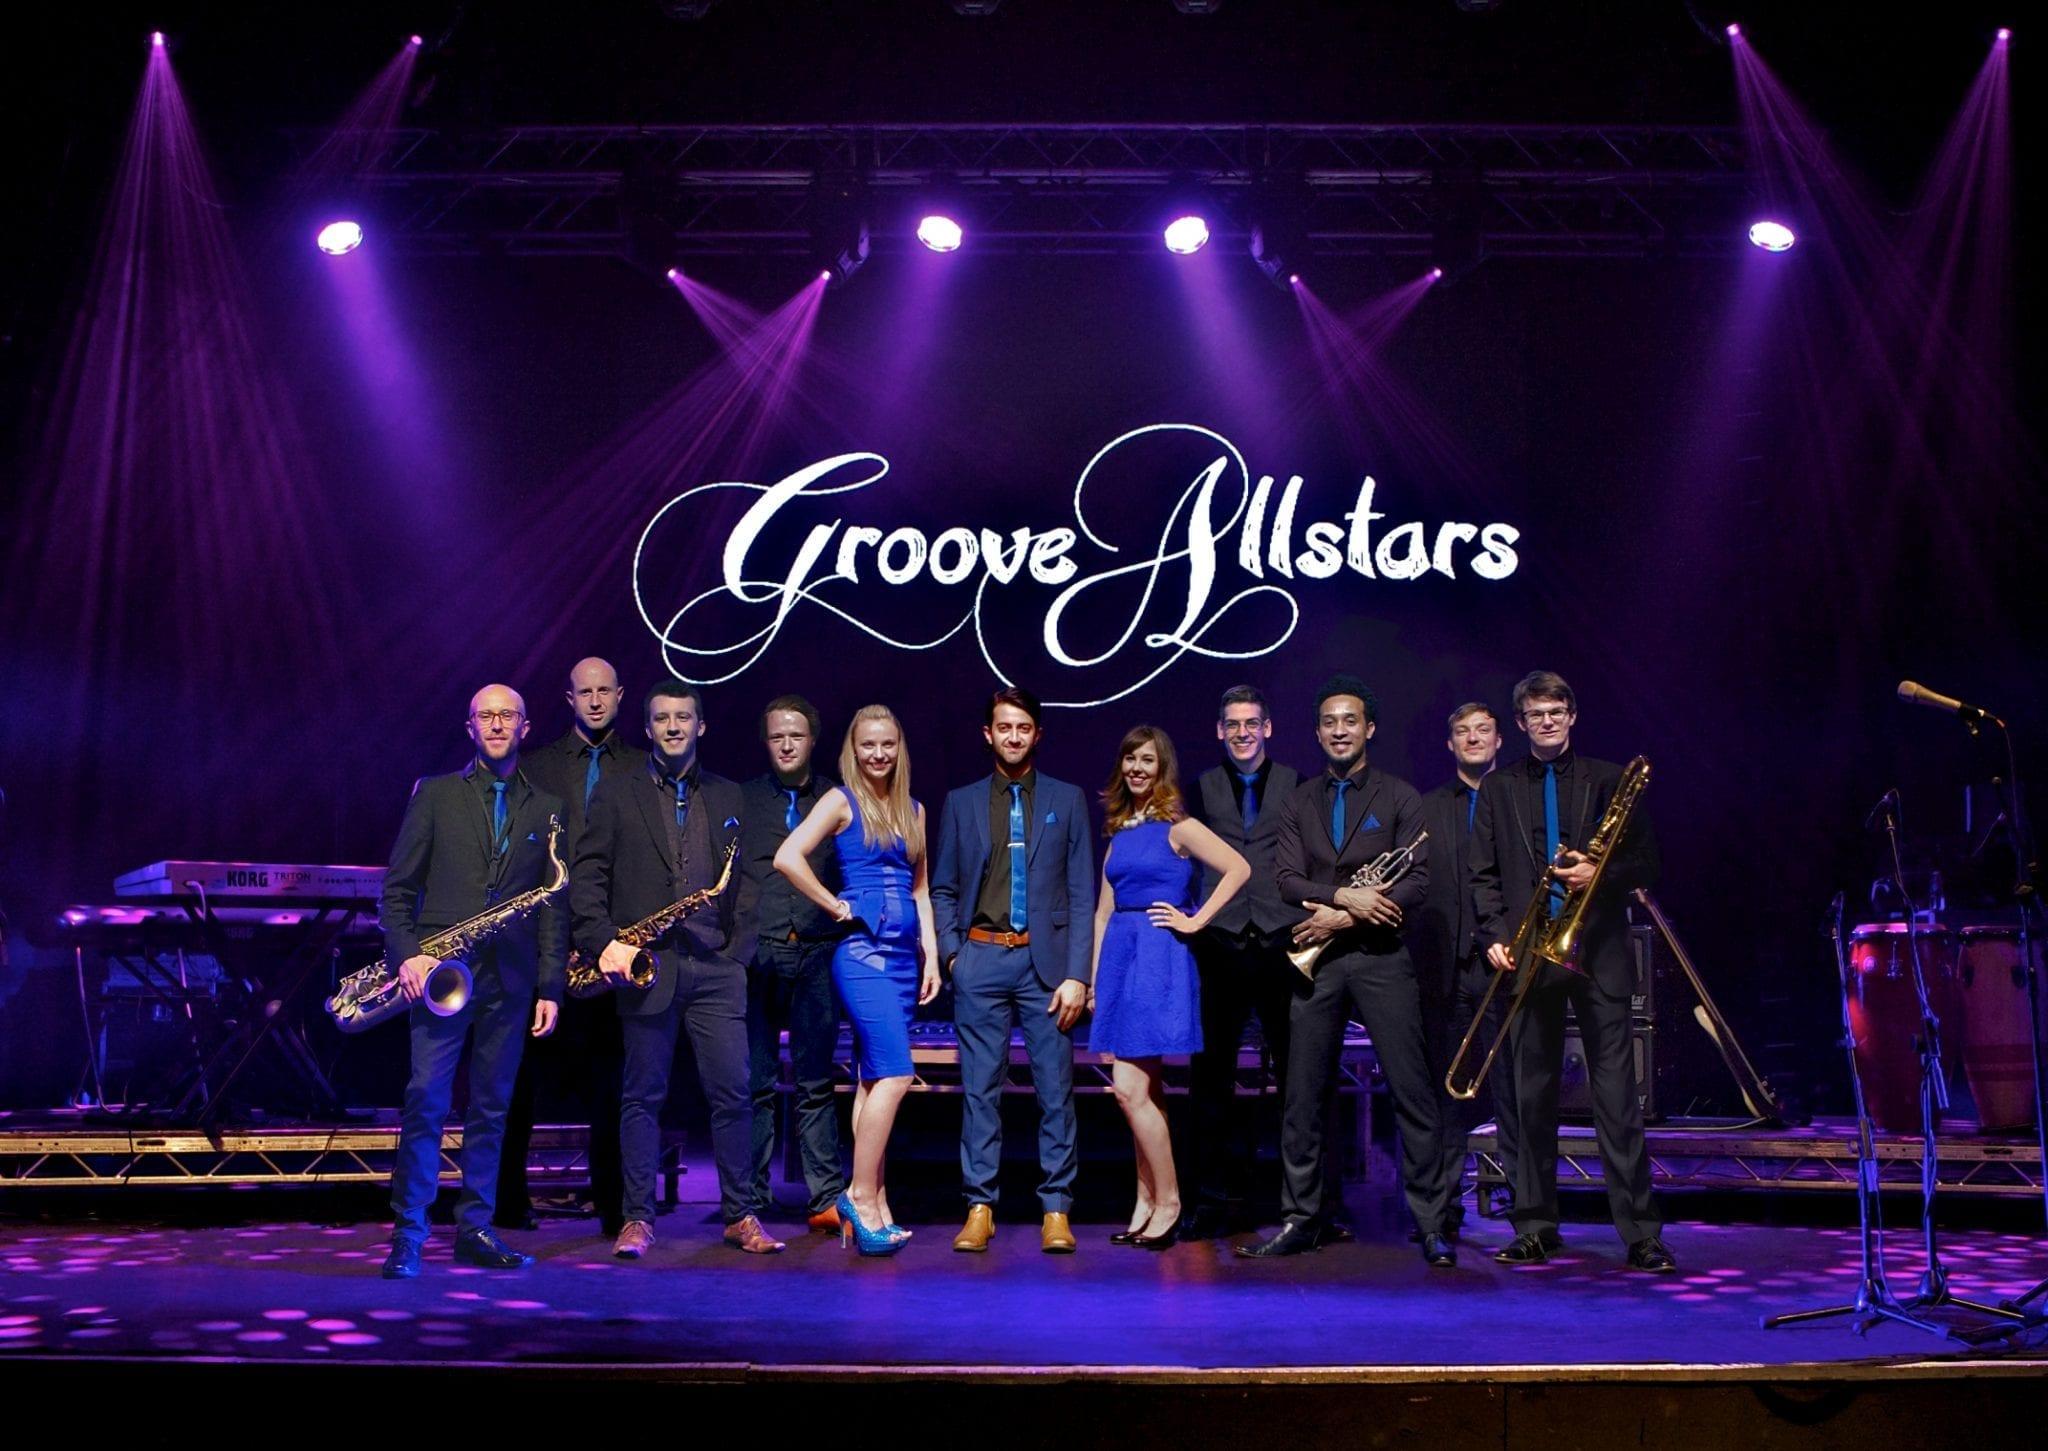 Groove Allstars